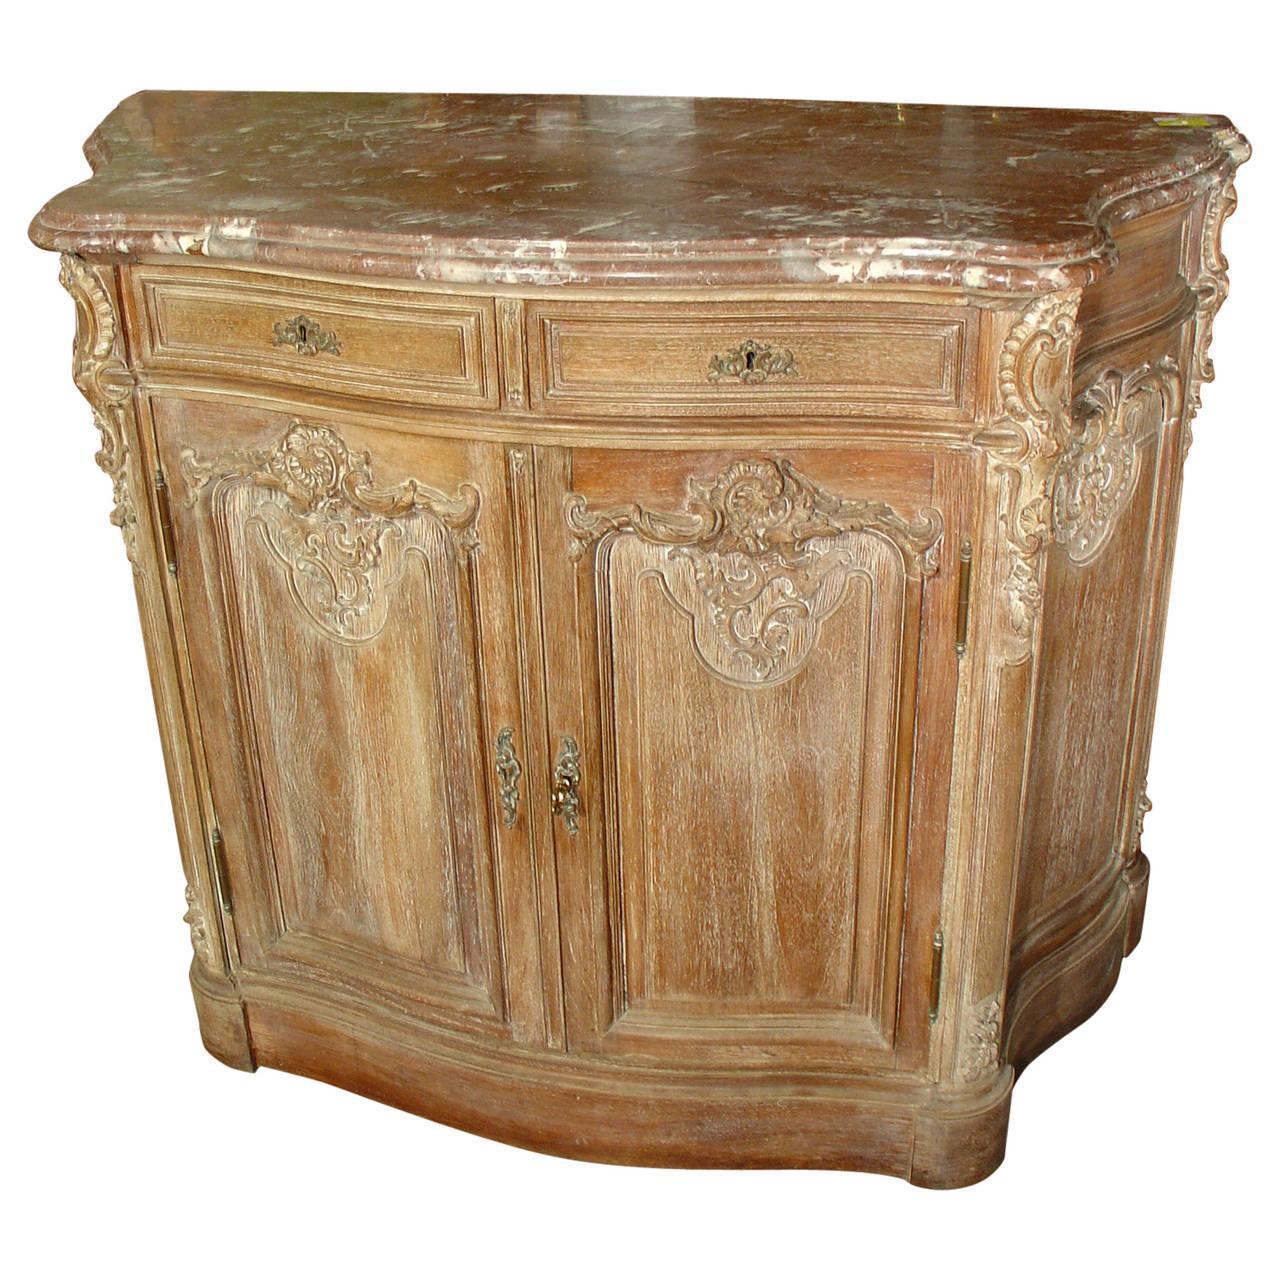 Antique Louis XV Style Buffet de Chasse